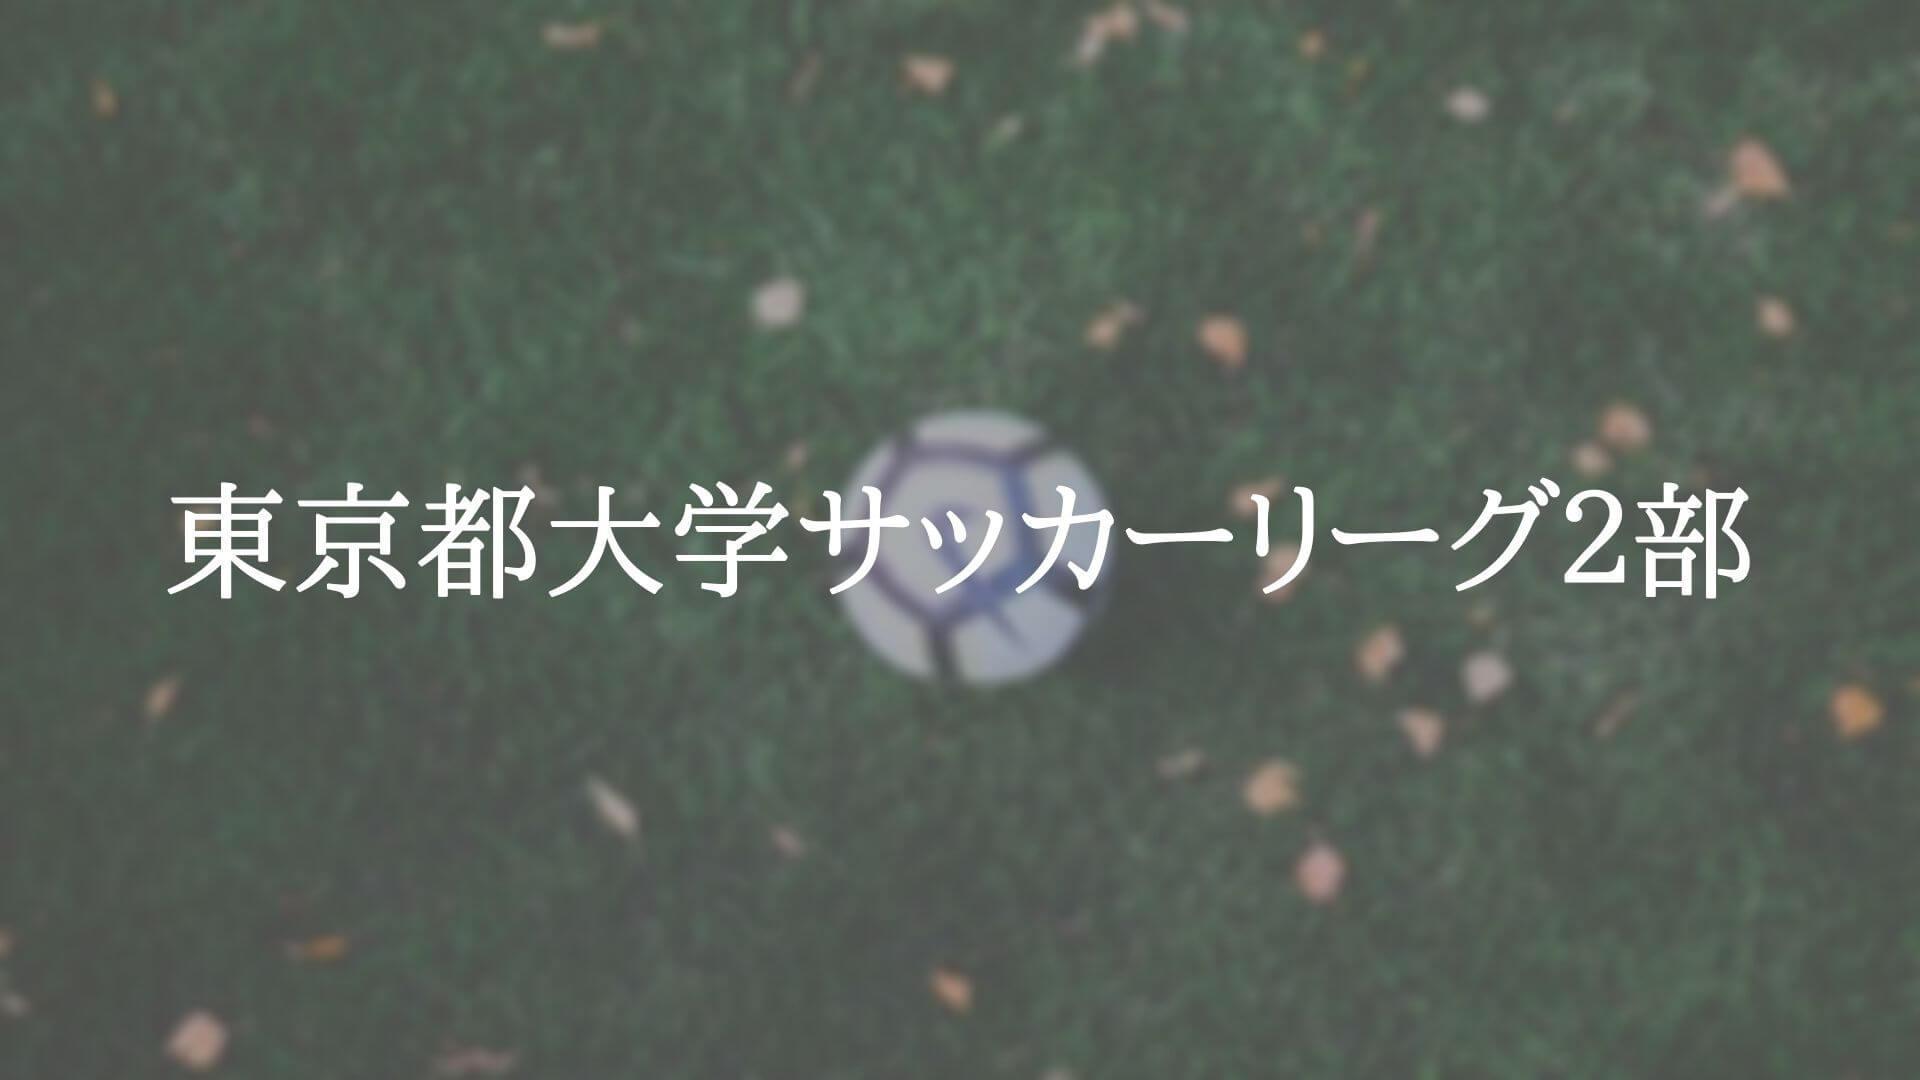 アスリートバンク サッカー